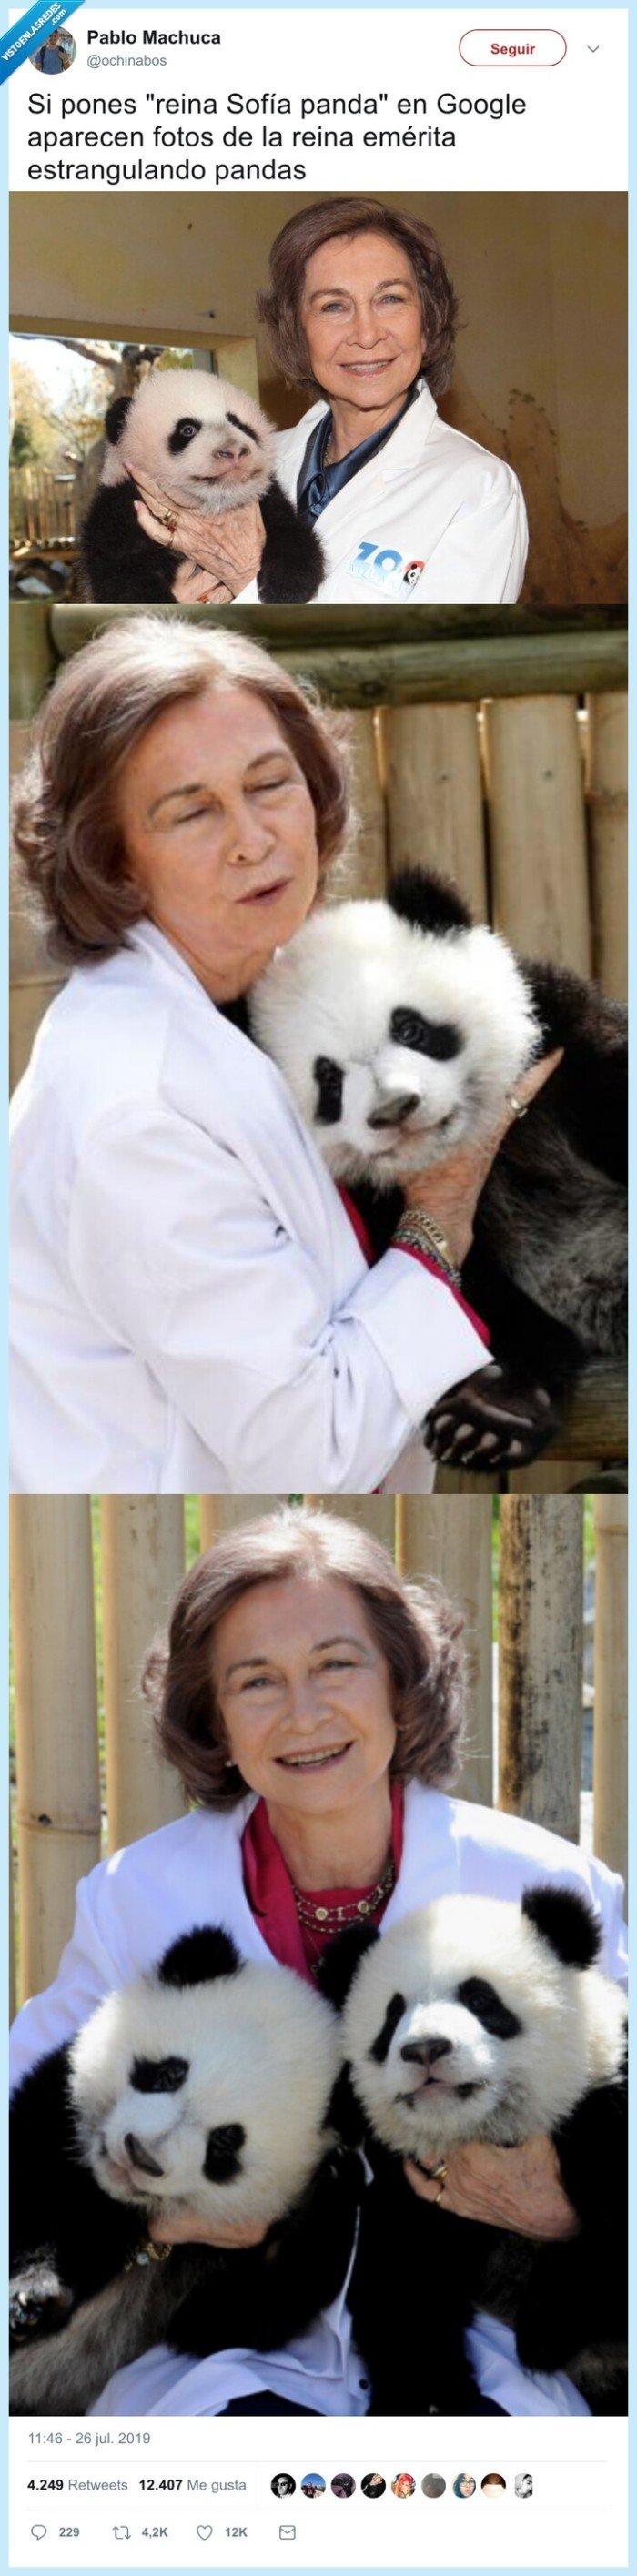 estrangular,pandas,reina sofia